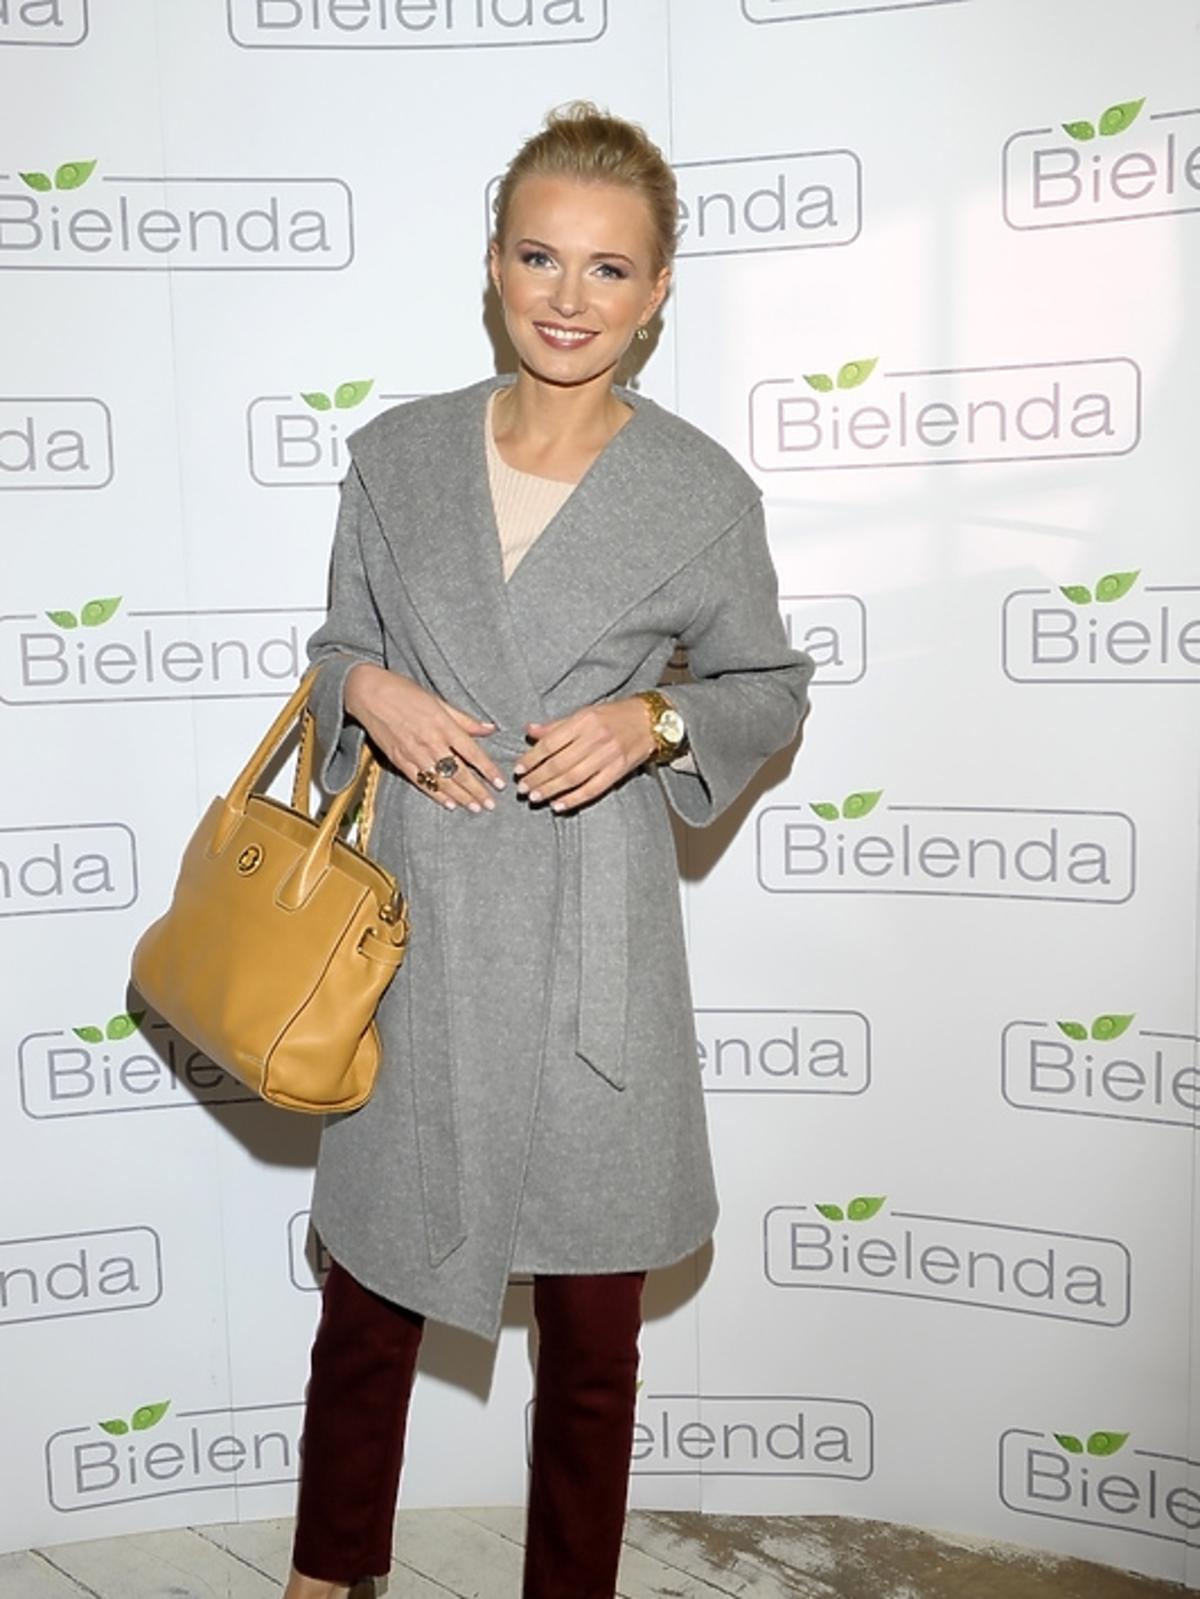 Agnieszka Cegielska na prezentacji kosmetyków marki Bielenda